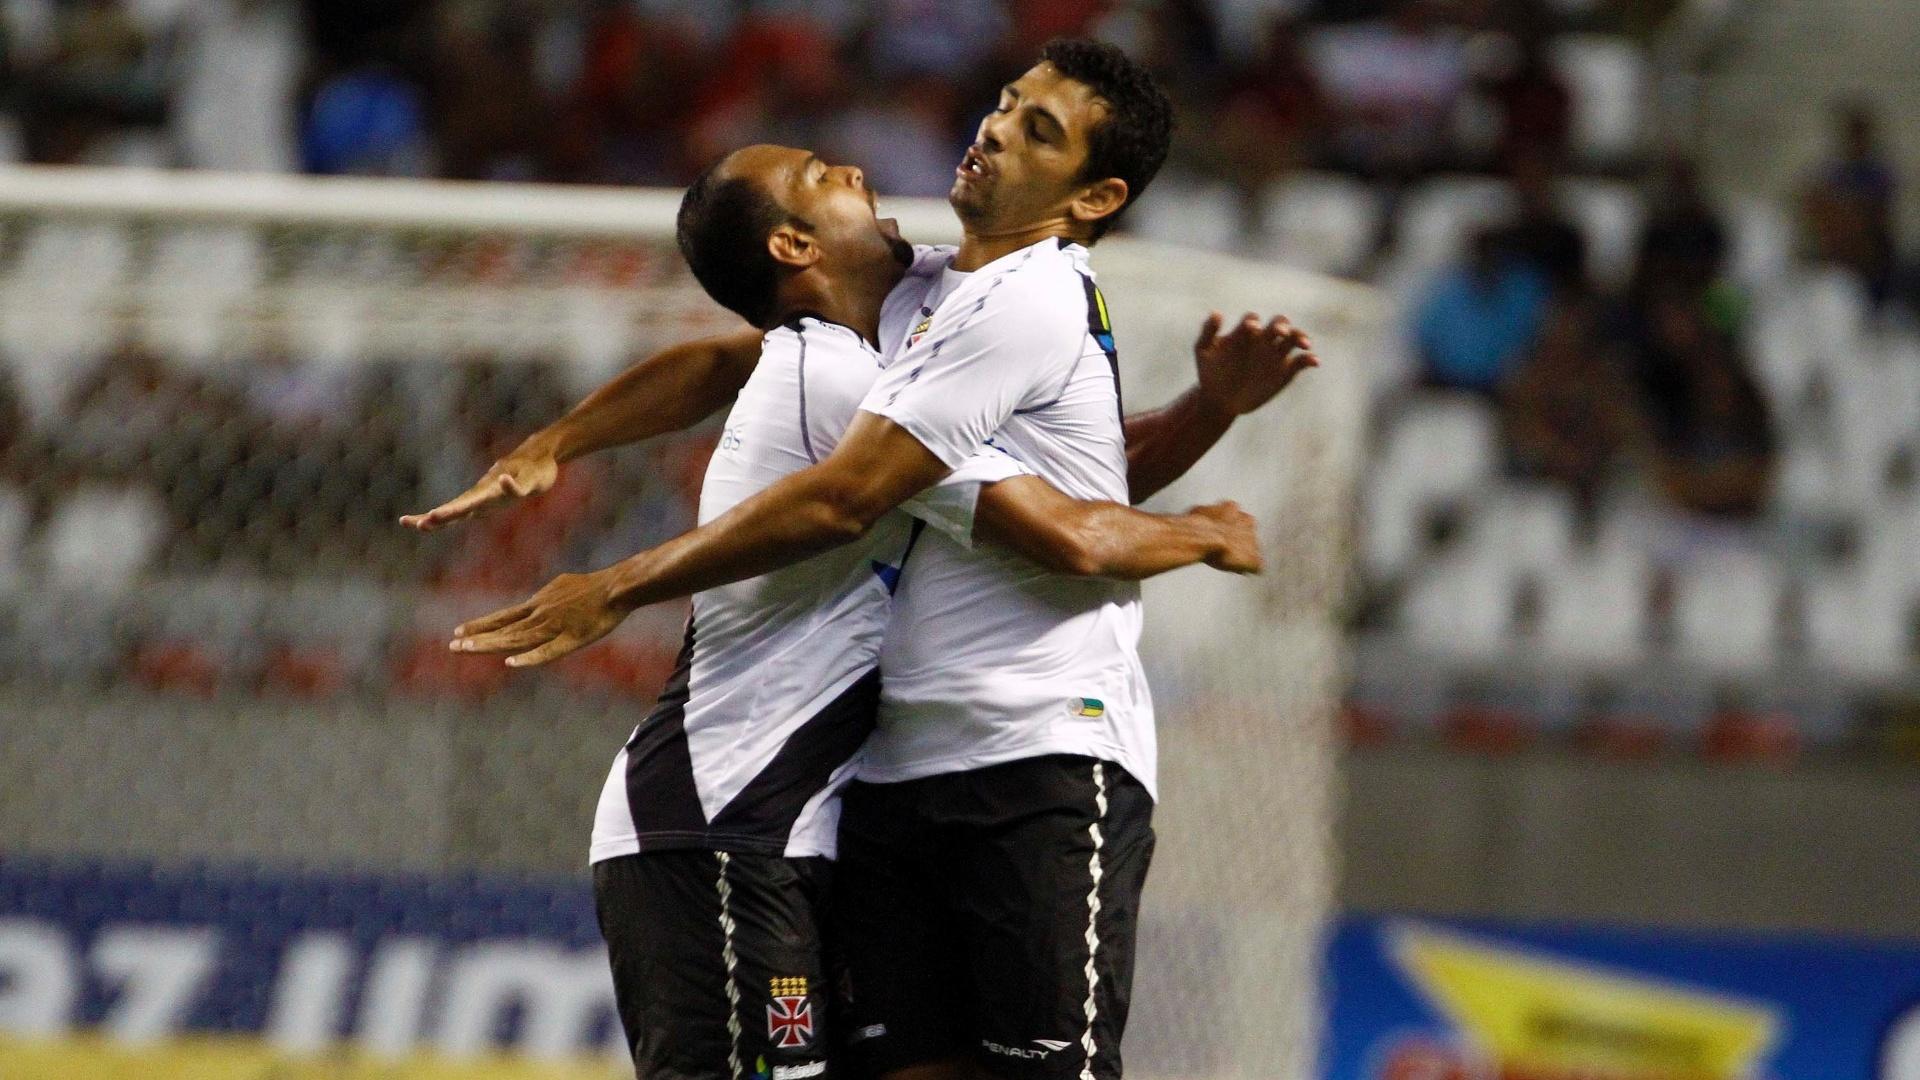 Diego Souza é abraçado por Alecsandro após marcar o gol que empatou o clássico entre Flamengo e Vasco, no estádio do Engenhão